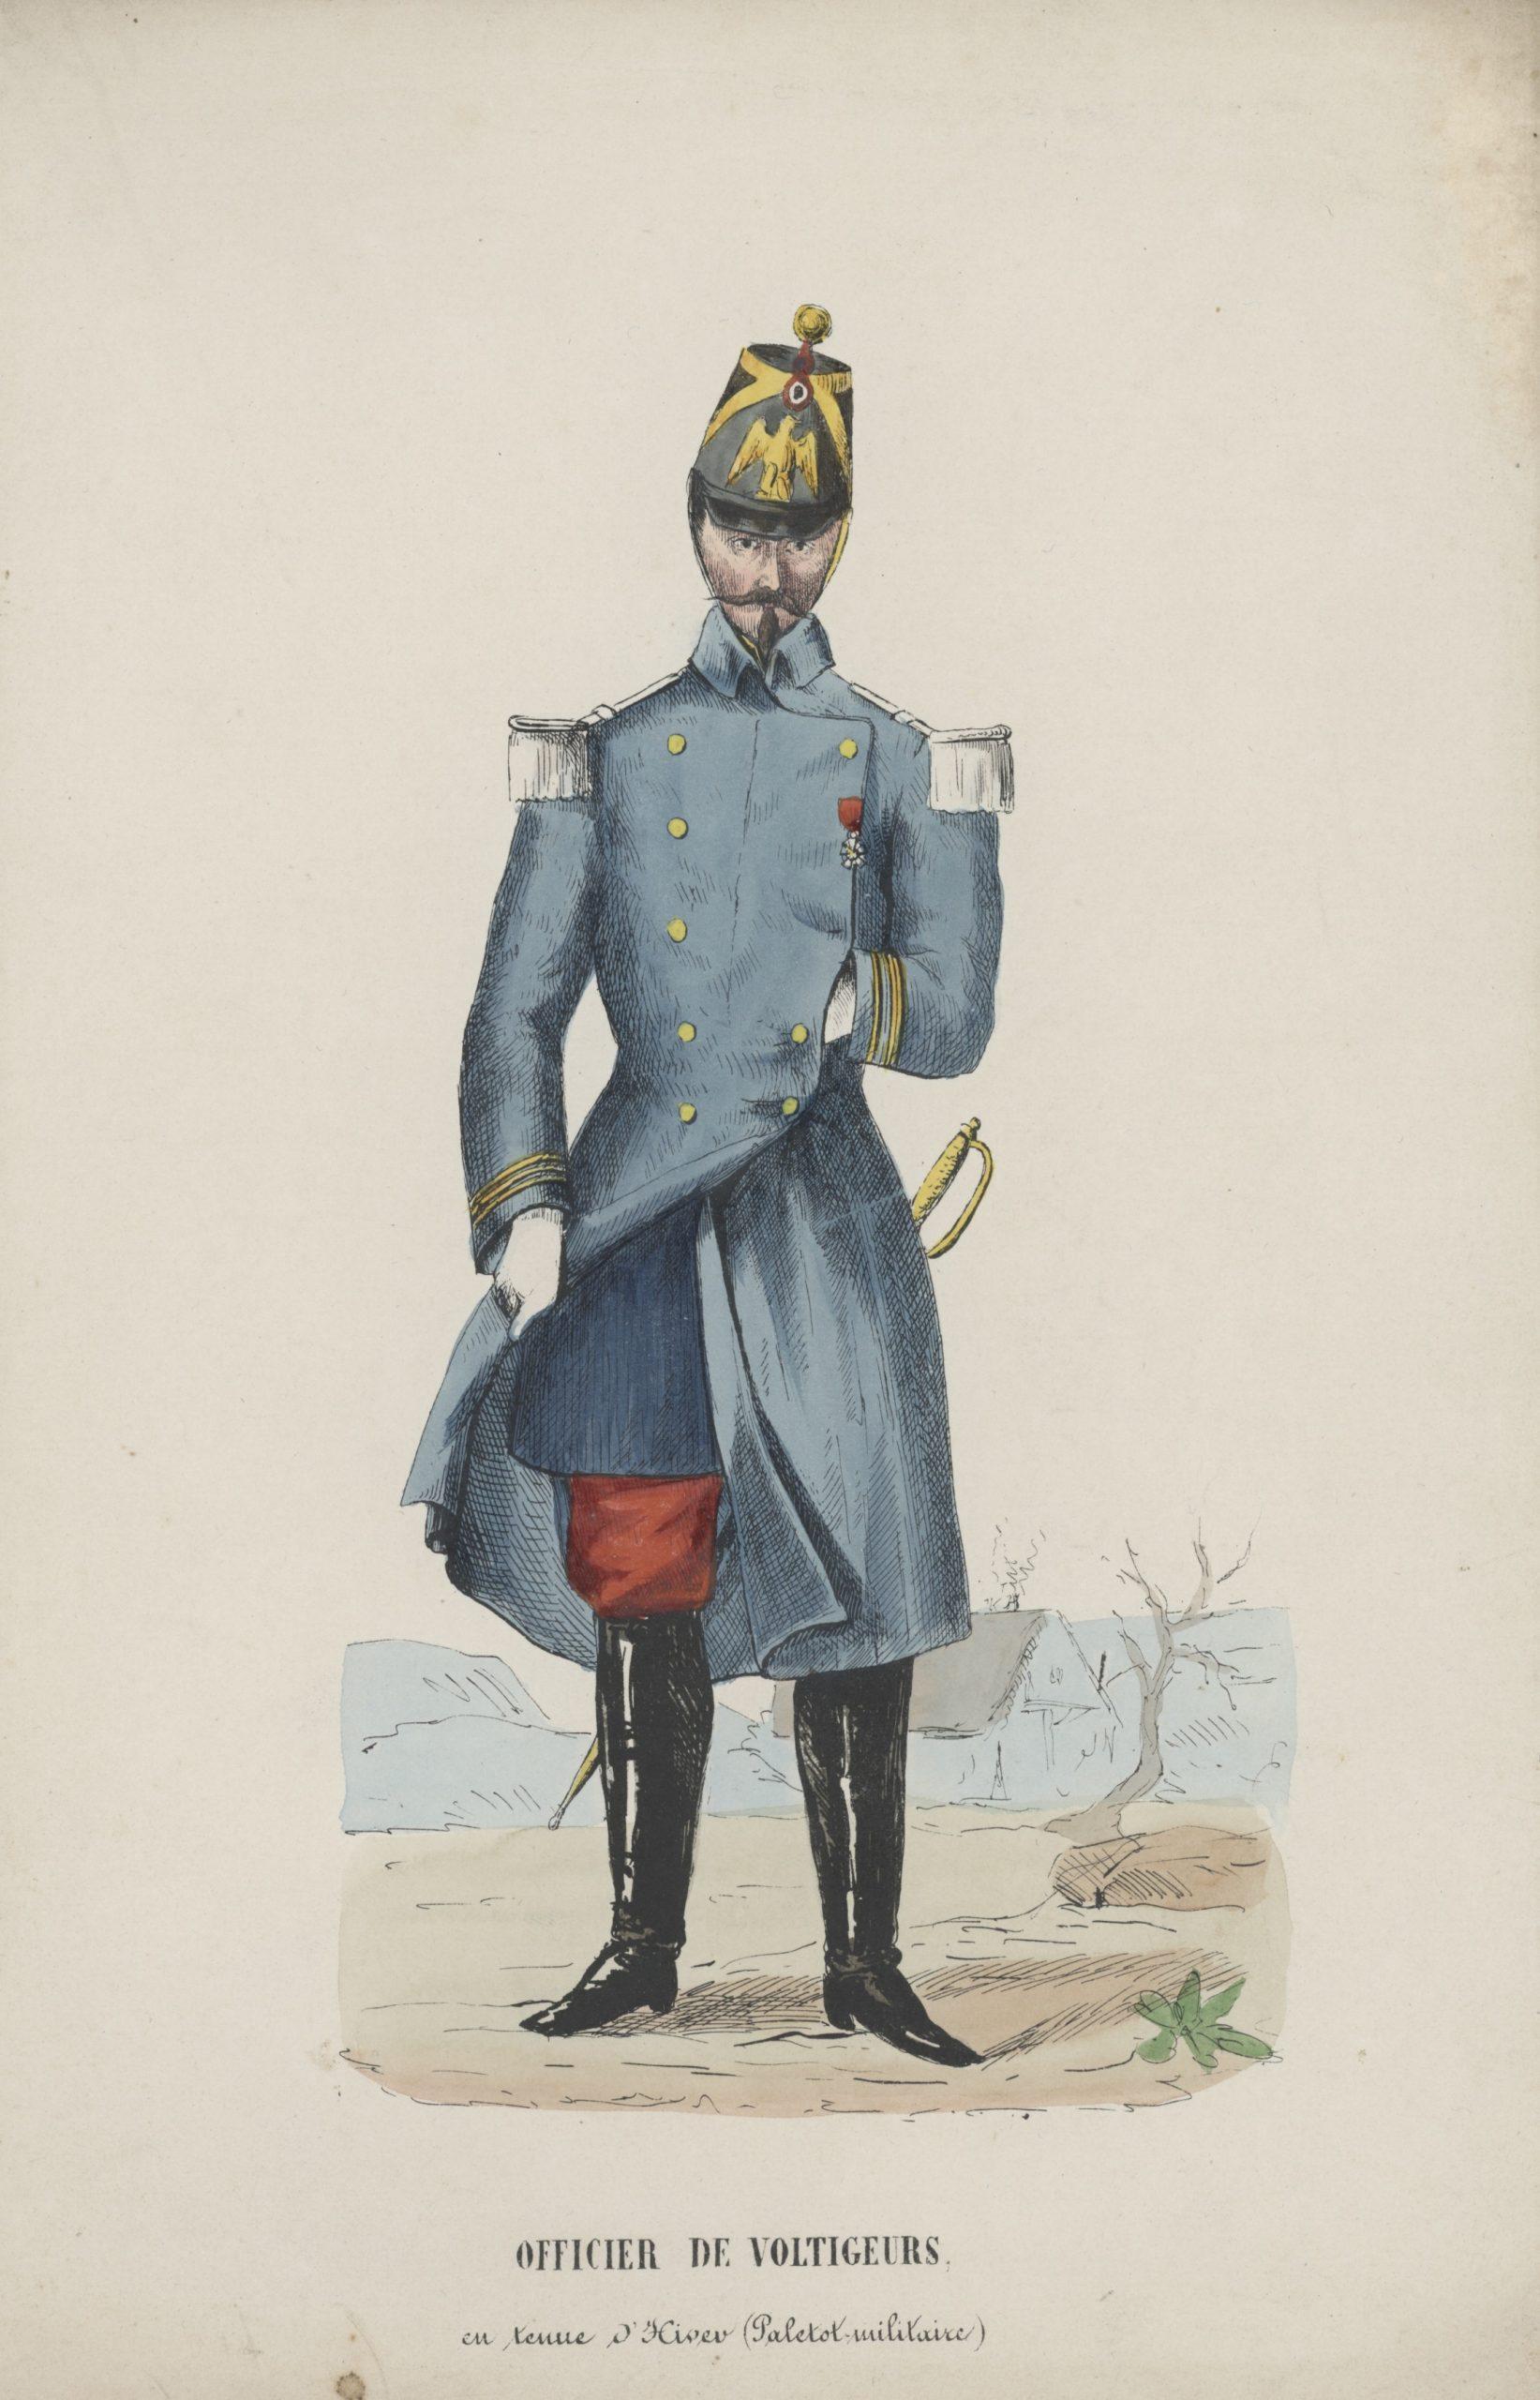 Gravure XIX - Voltigeur de la Garde Second Empire - Napoléon III - Tenue d'hiver - Paletot militaire - Officier des voltigeurs - Crimée - Italie